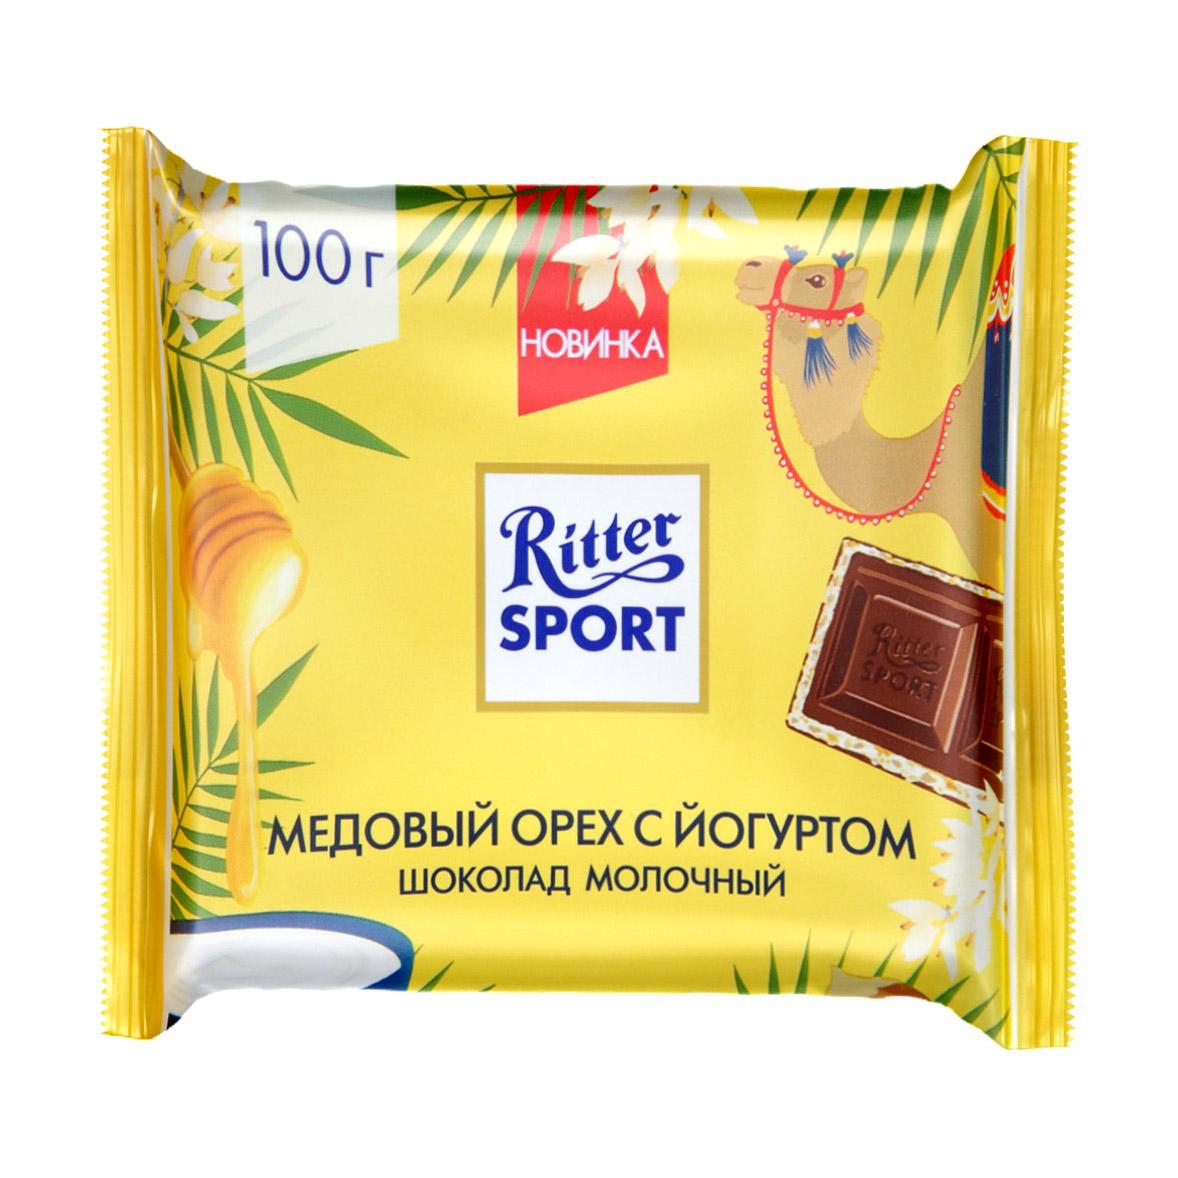 Фото - Шоколад молочный Ritter Sport Медовый орех с йогуртом 100 г шоколад ritter sport молочный карамельный мусс с миндалем 100 г